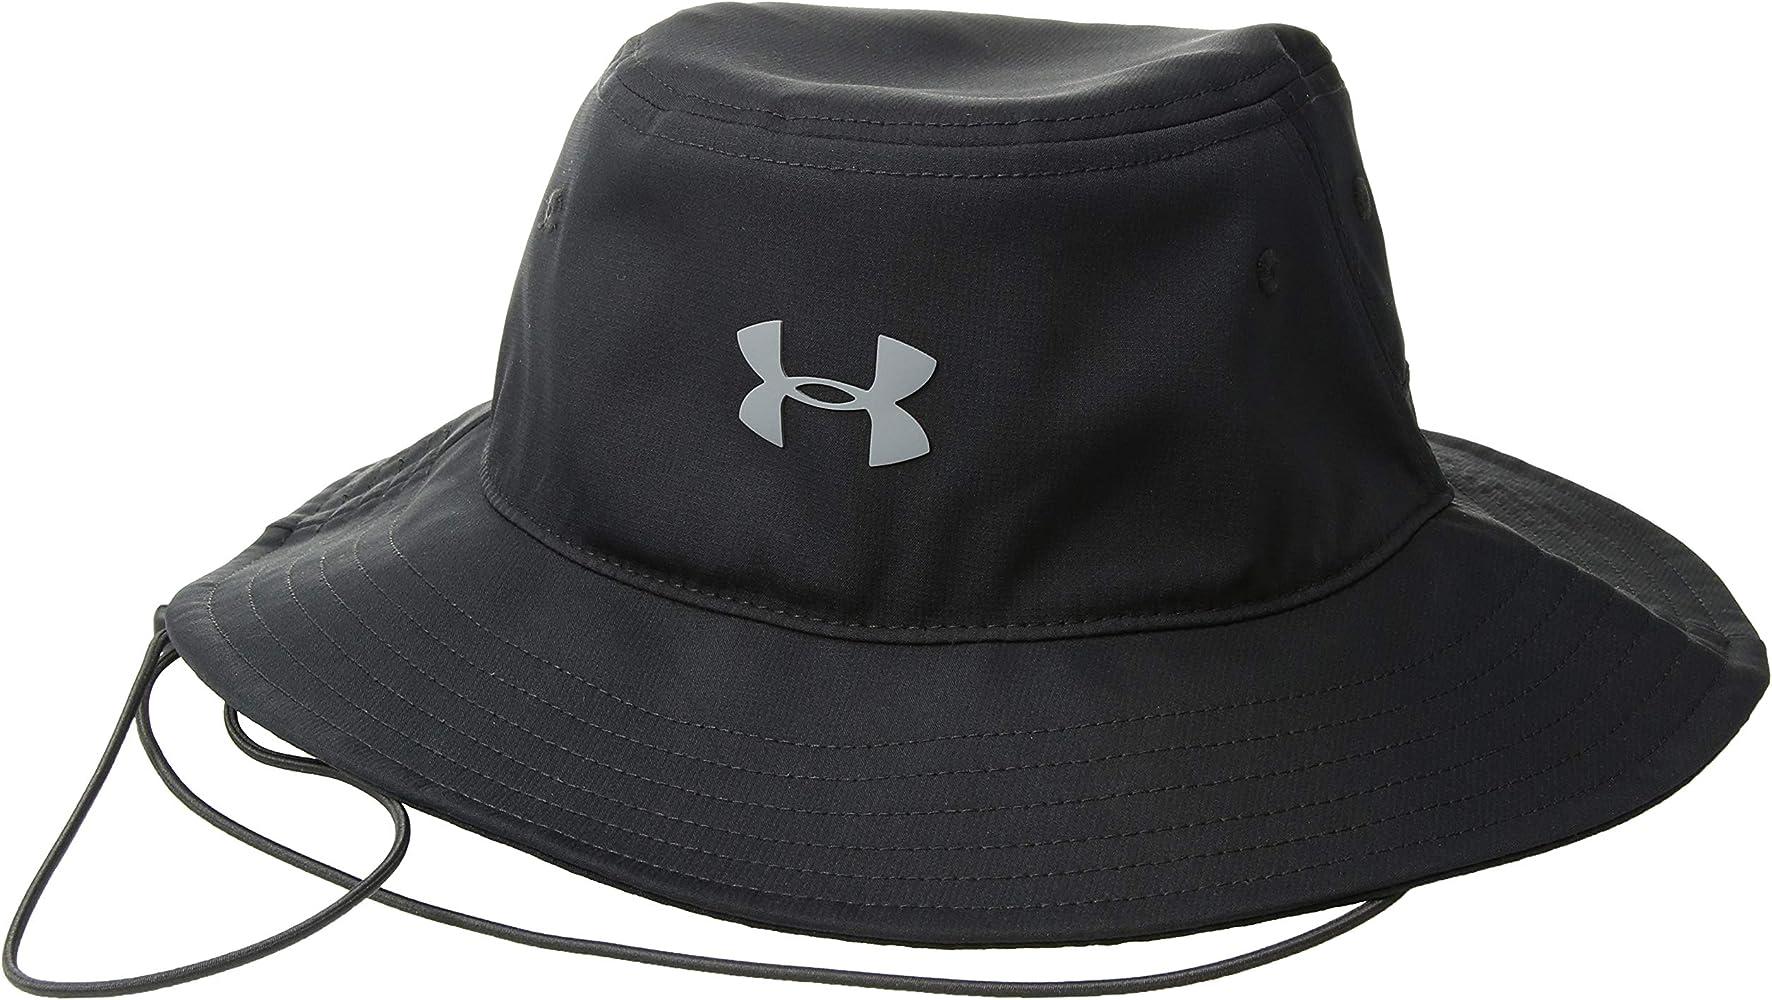 09541de00 Men's Headline Bucket Hat